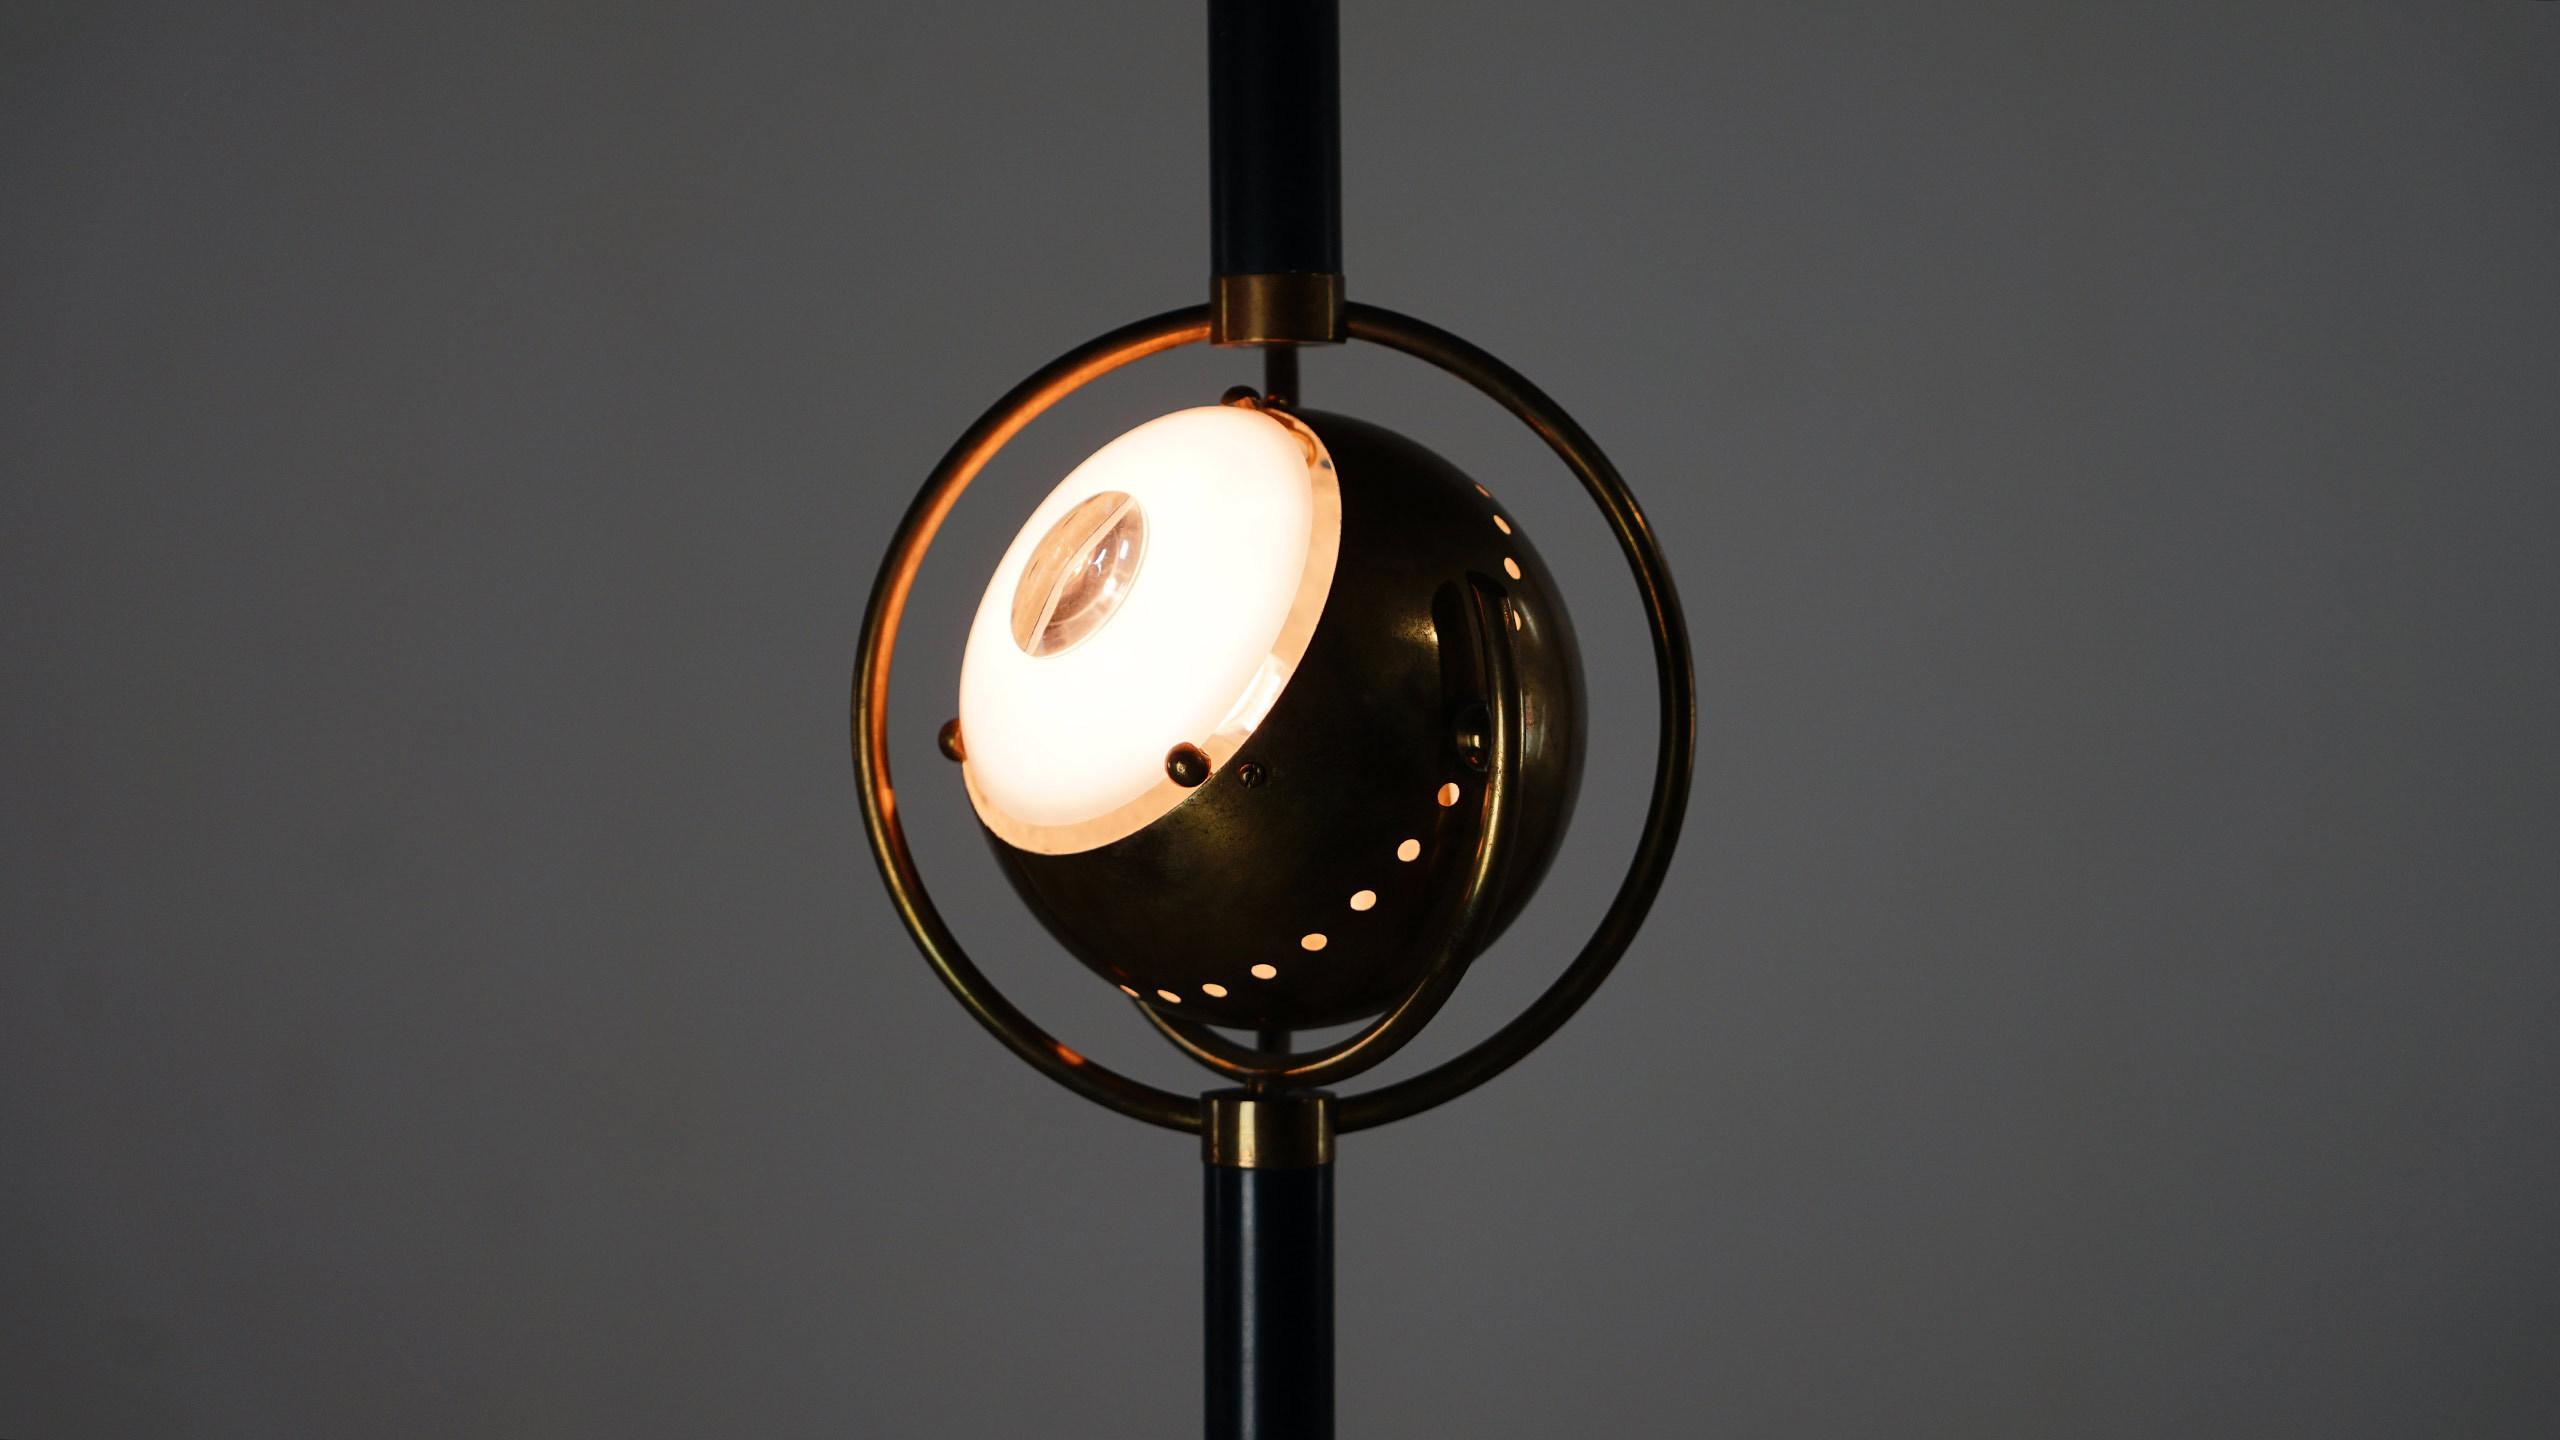 Angelo lelli eye lamp for arredoluce italy for Arredo luce